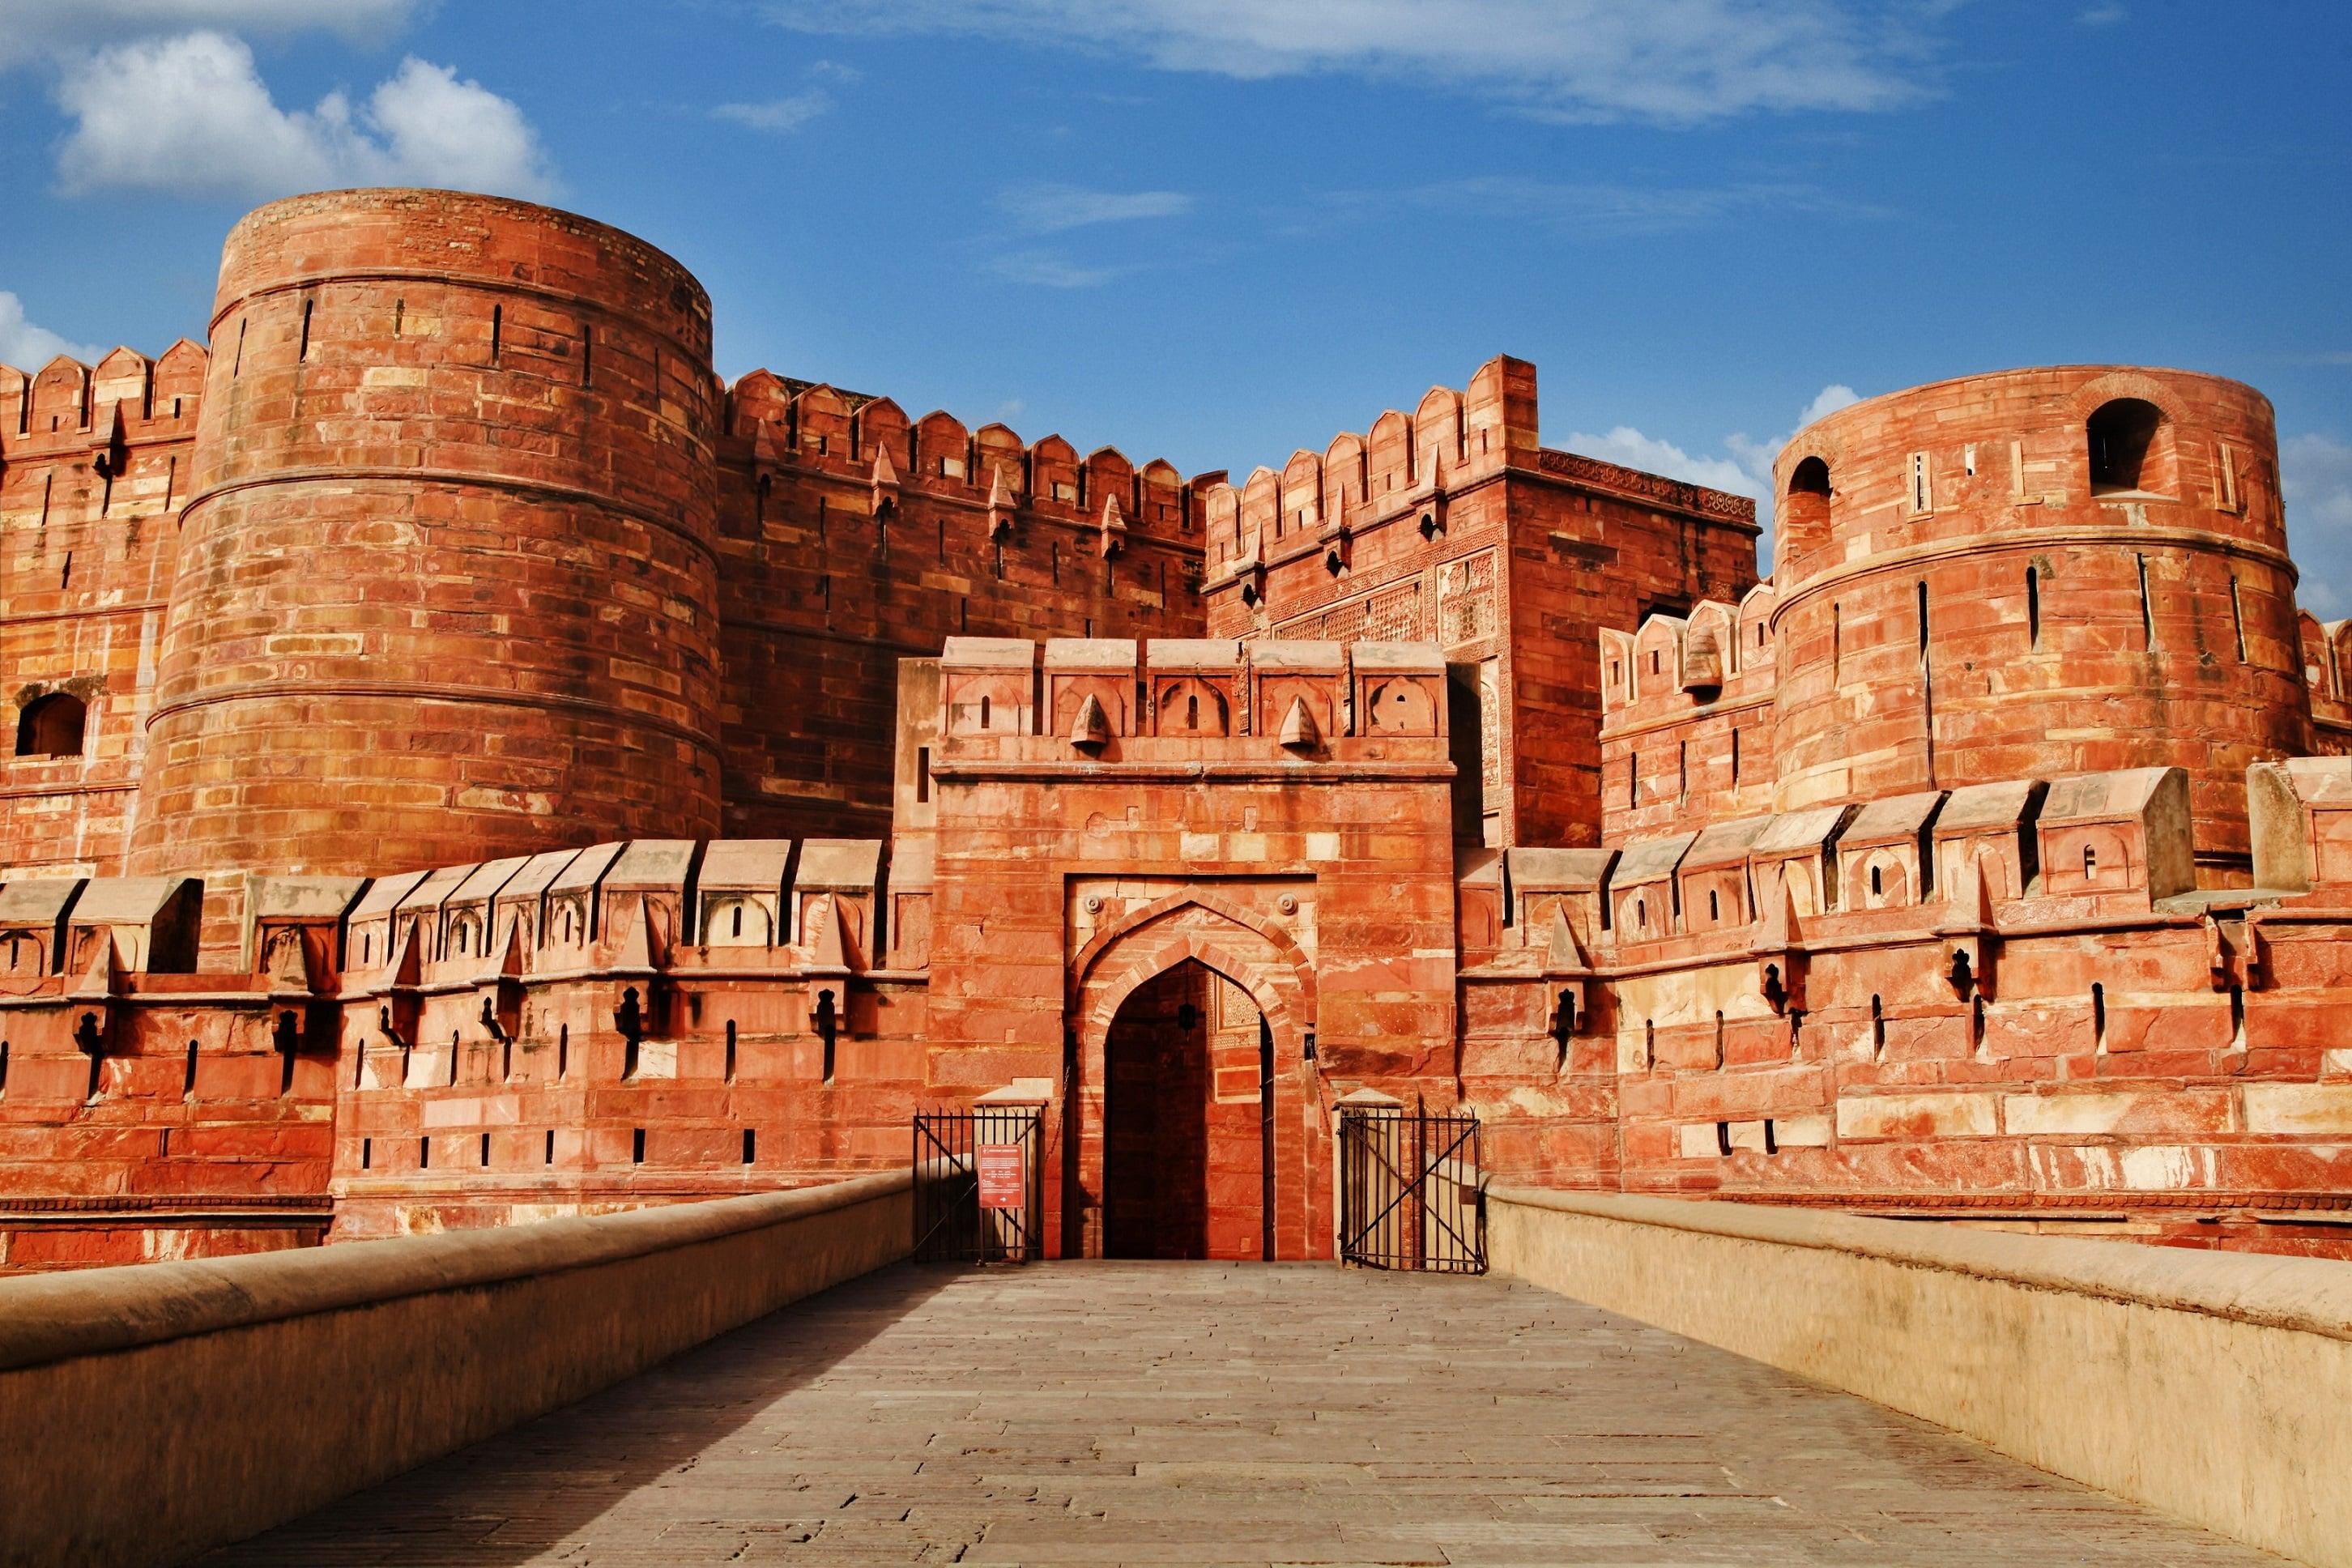 entrada al fuerte de Agra